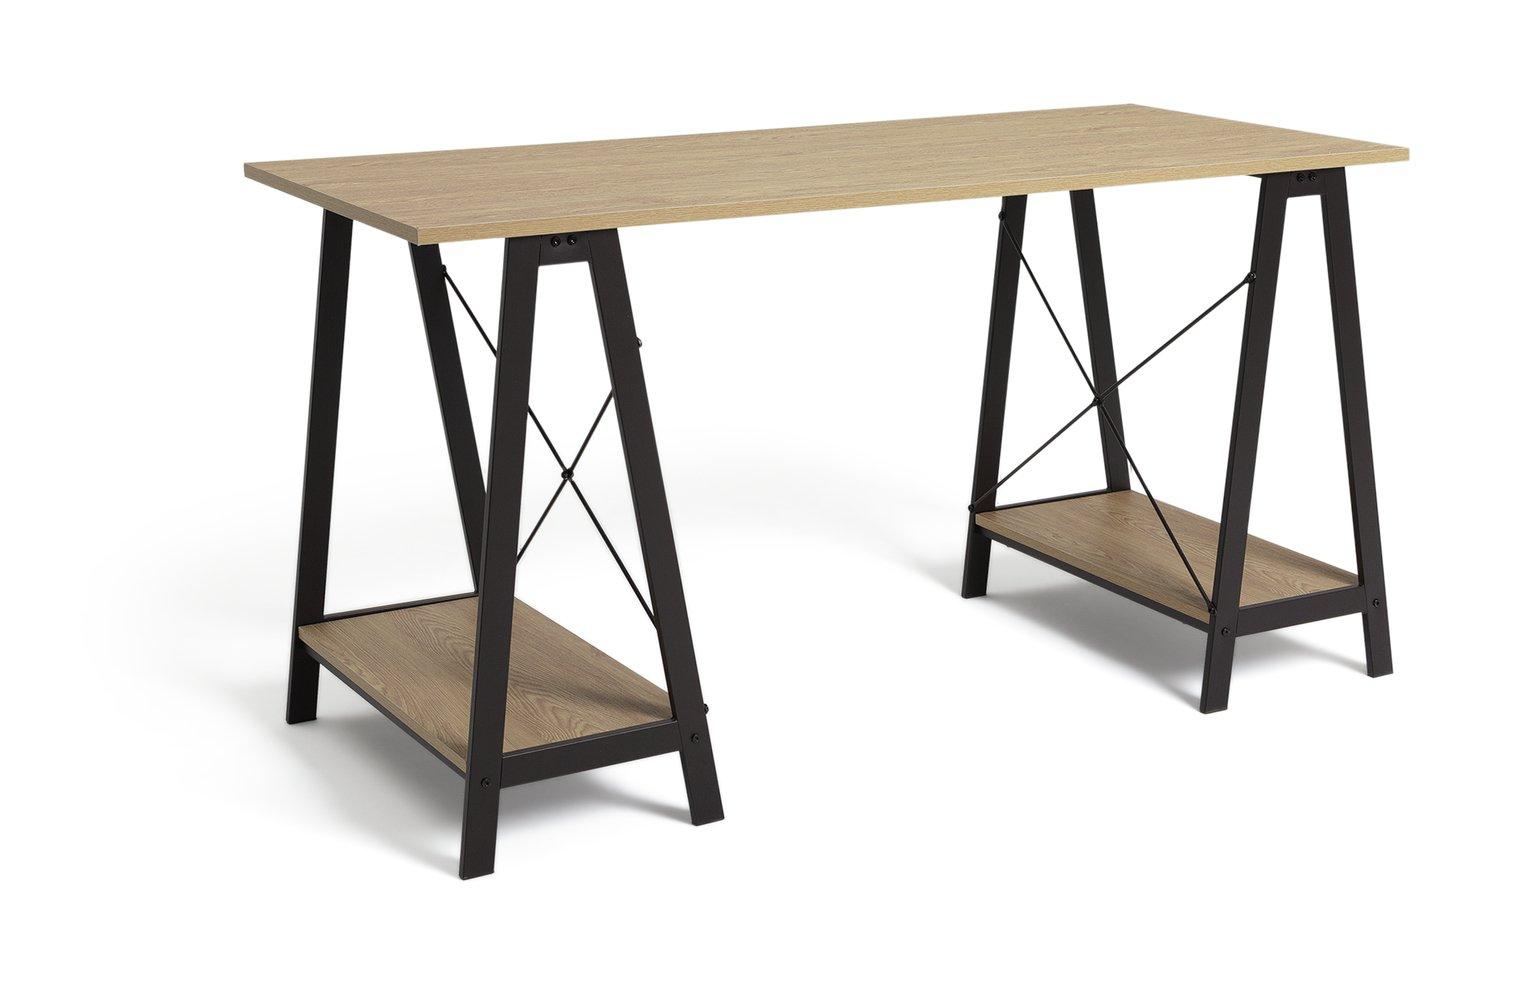 Habitat Trestle Table Office Desk - Oak effect